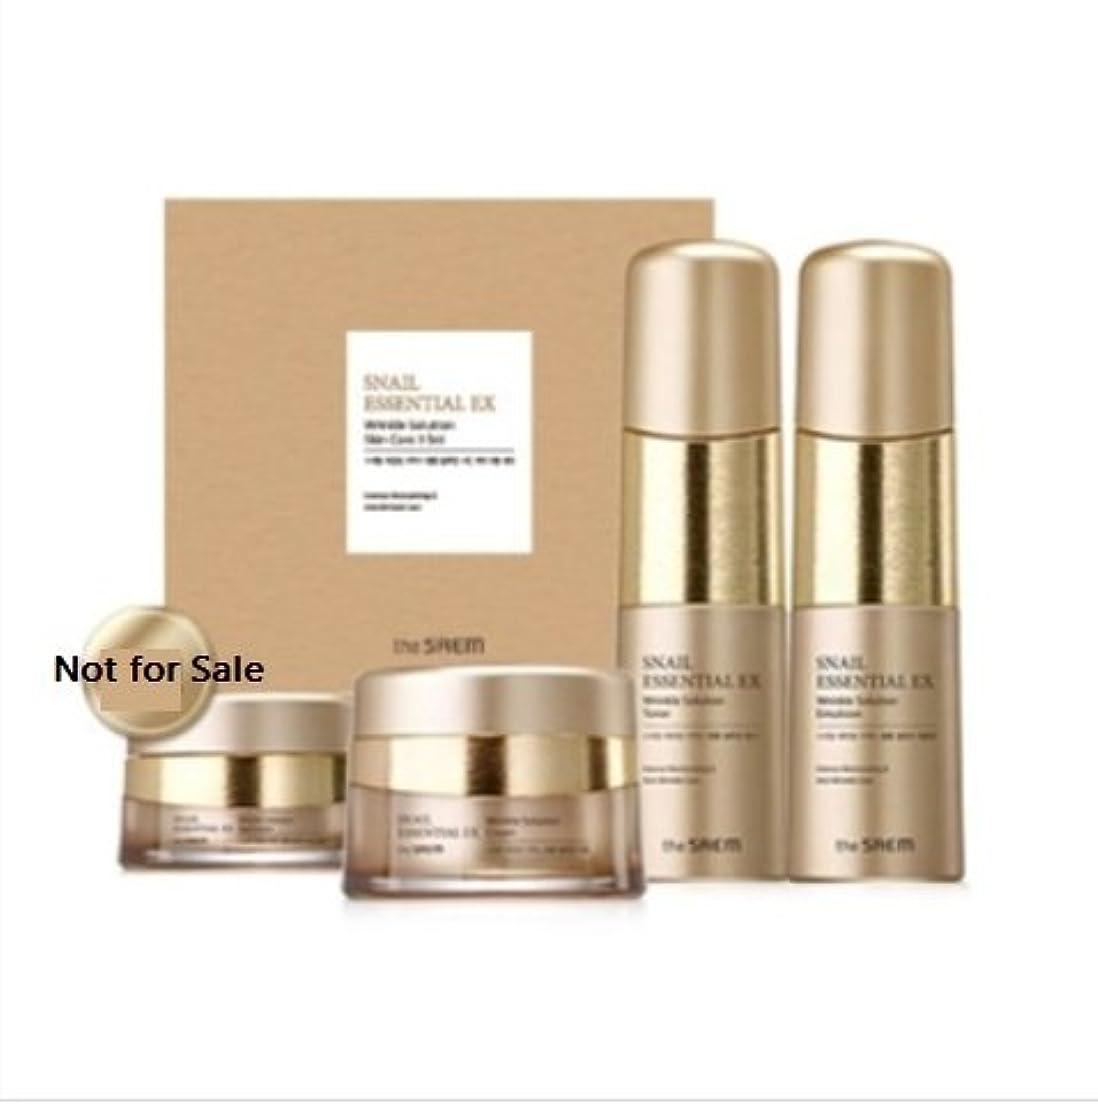 毛布ブラザーパンチ[ザセム] The Saem [スネイル エッセンシャル EXリンクルソリューション スキンケア 3種セット] (Snail Essential EX-Wrinkle Solution Skin Care 3Set) [並行輸入品]